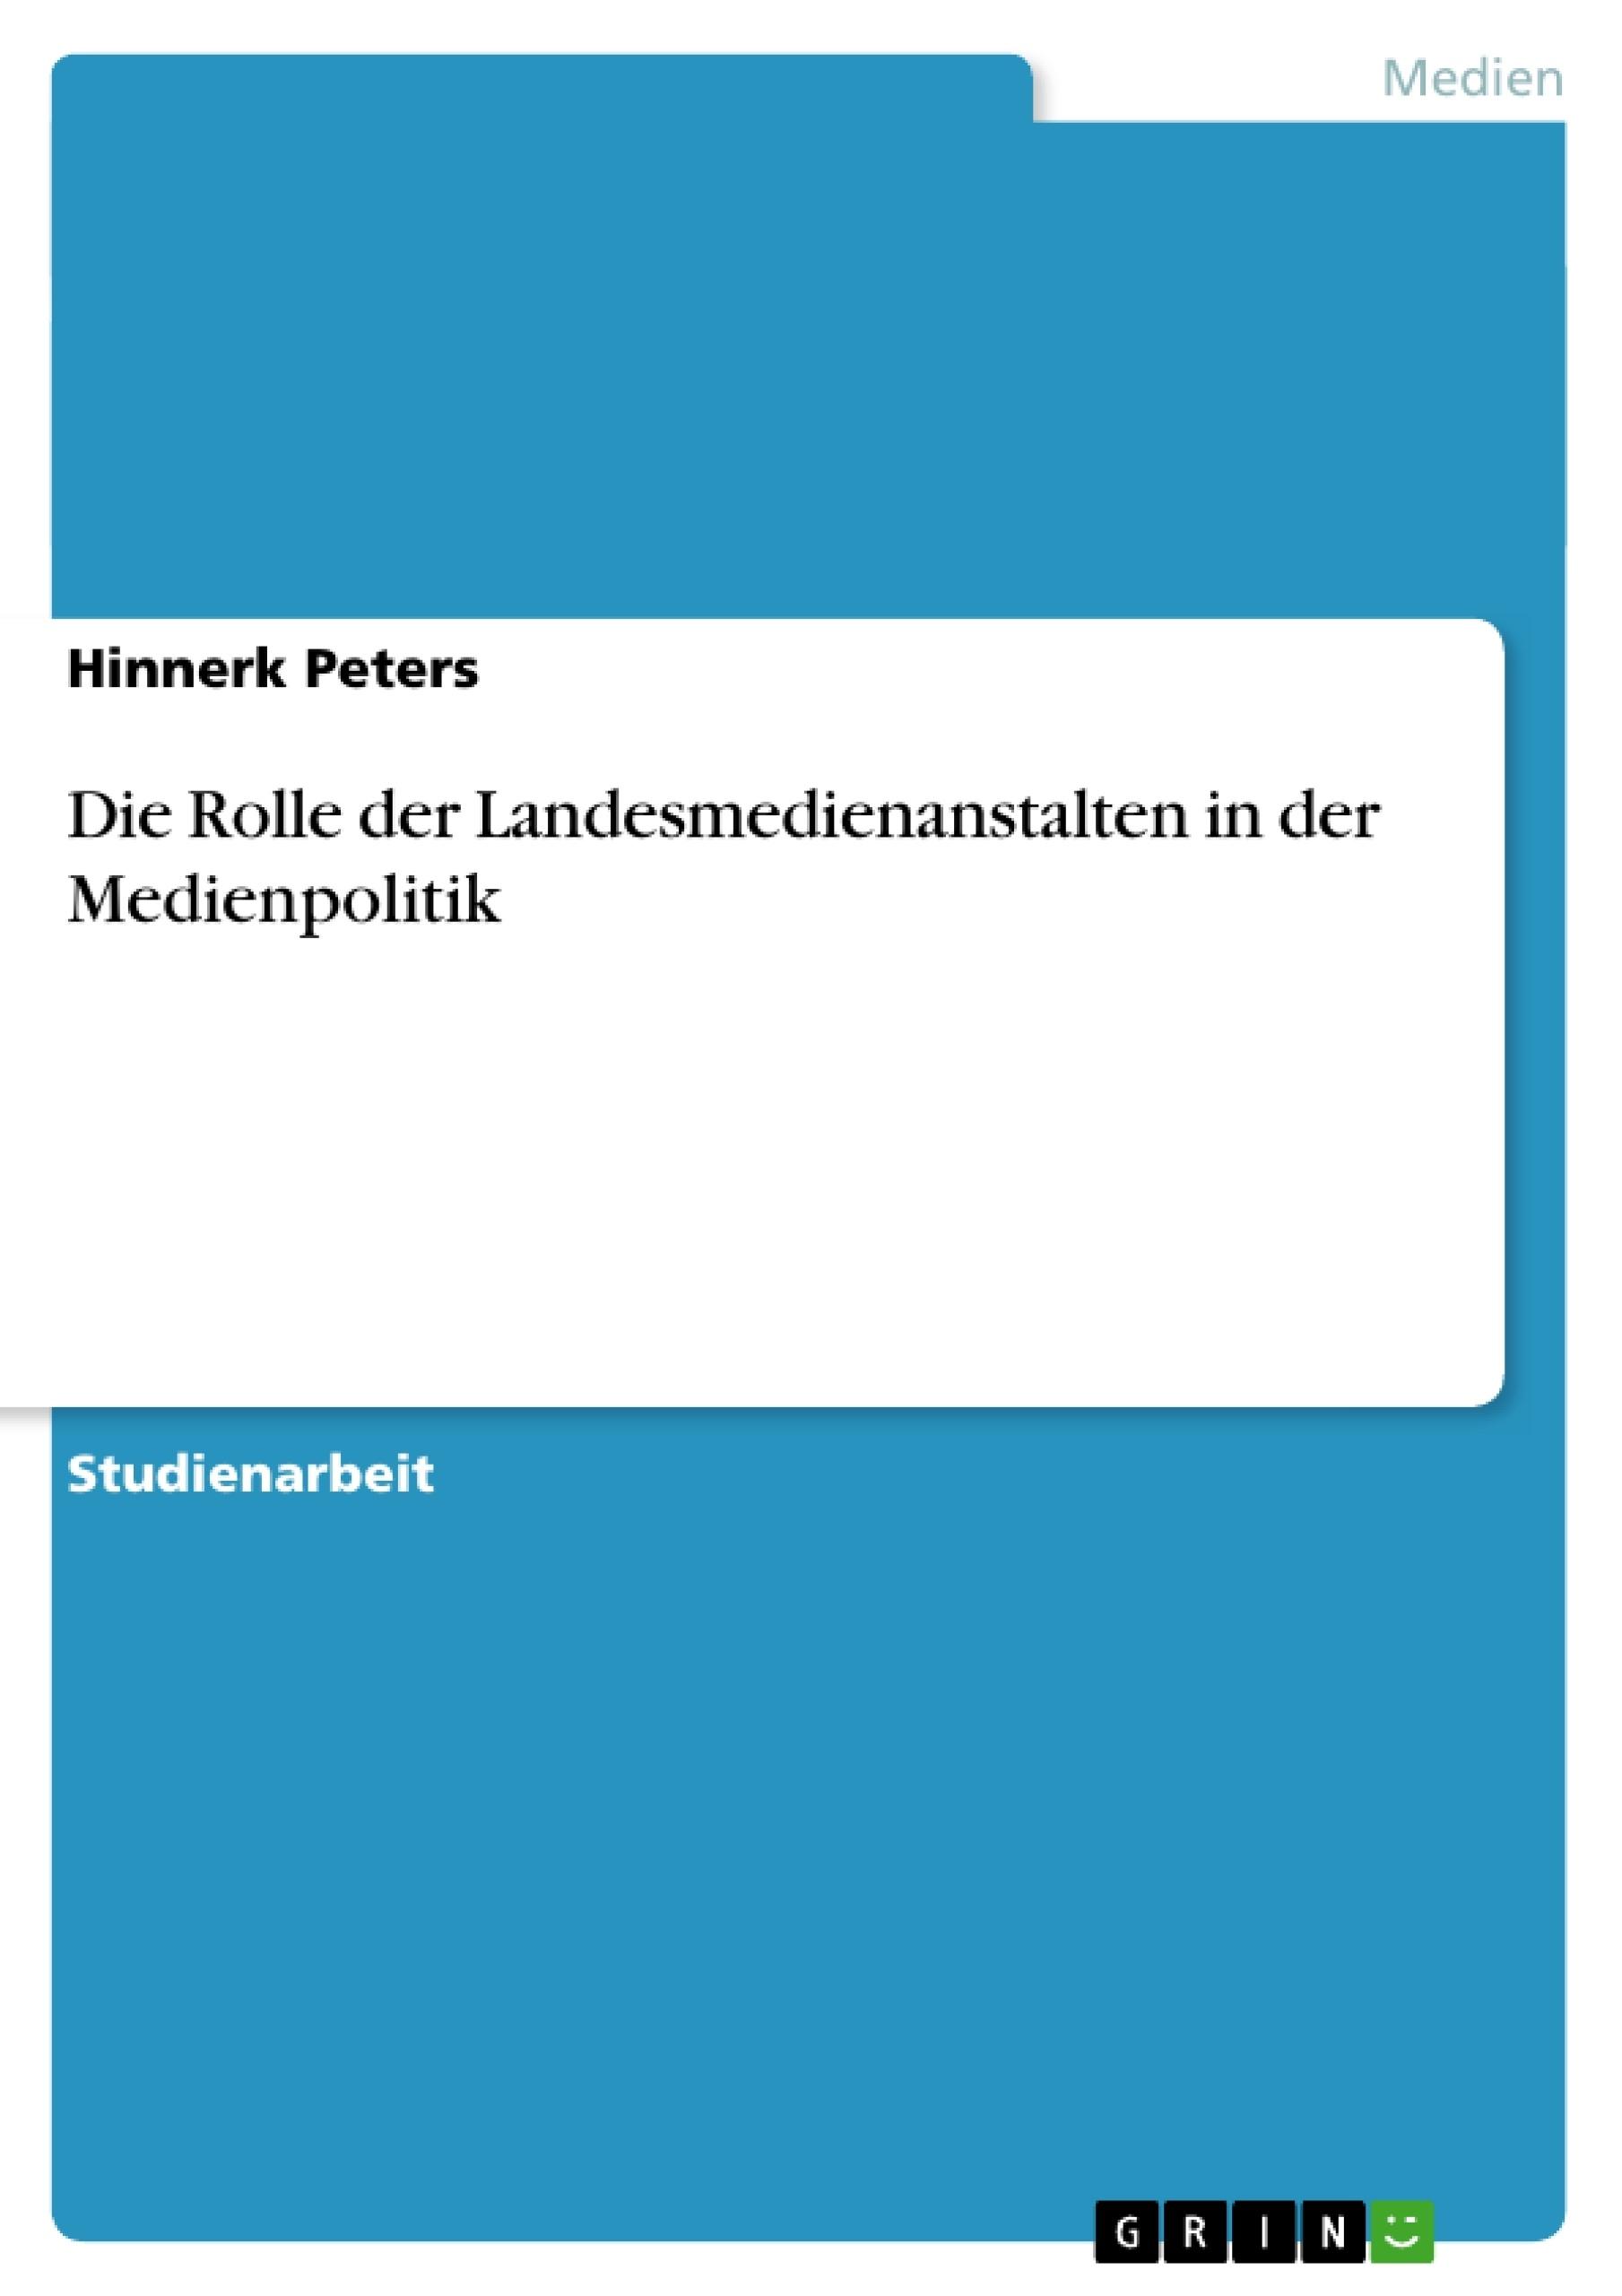 Titel: Die Rolle der Landesmedienanstalten in der Medienpolitik